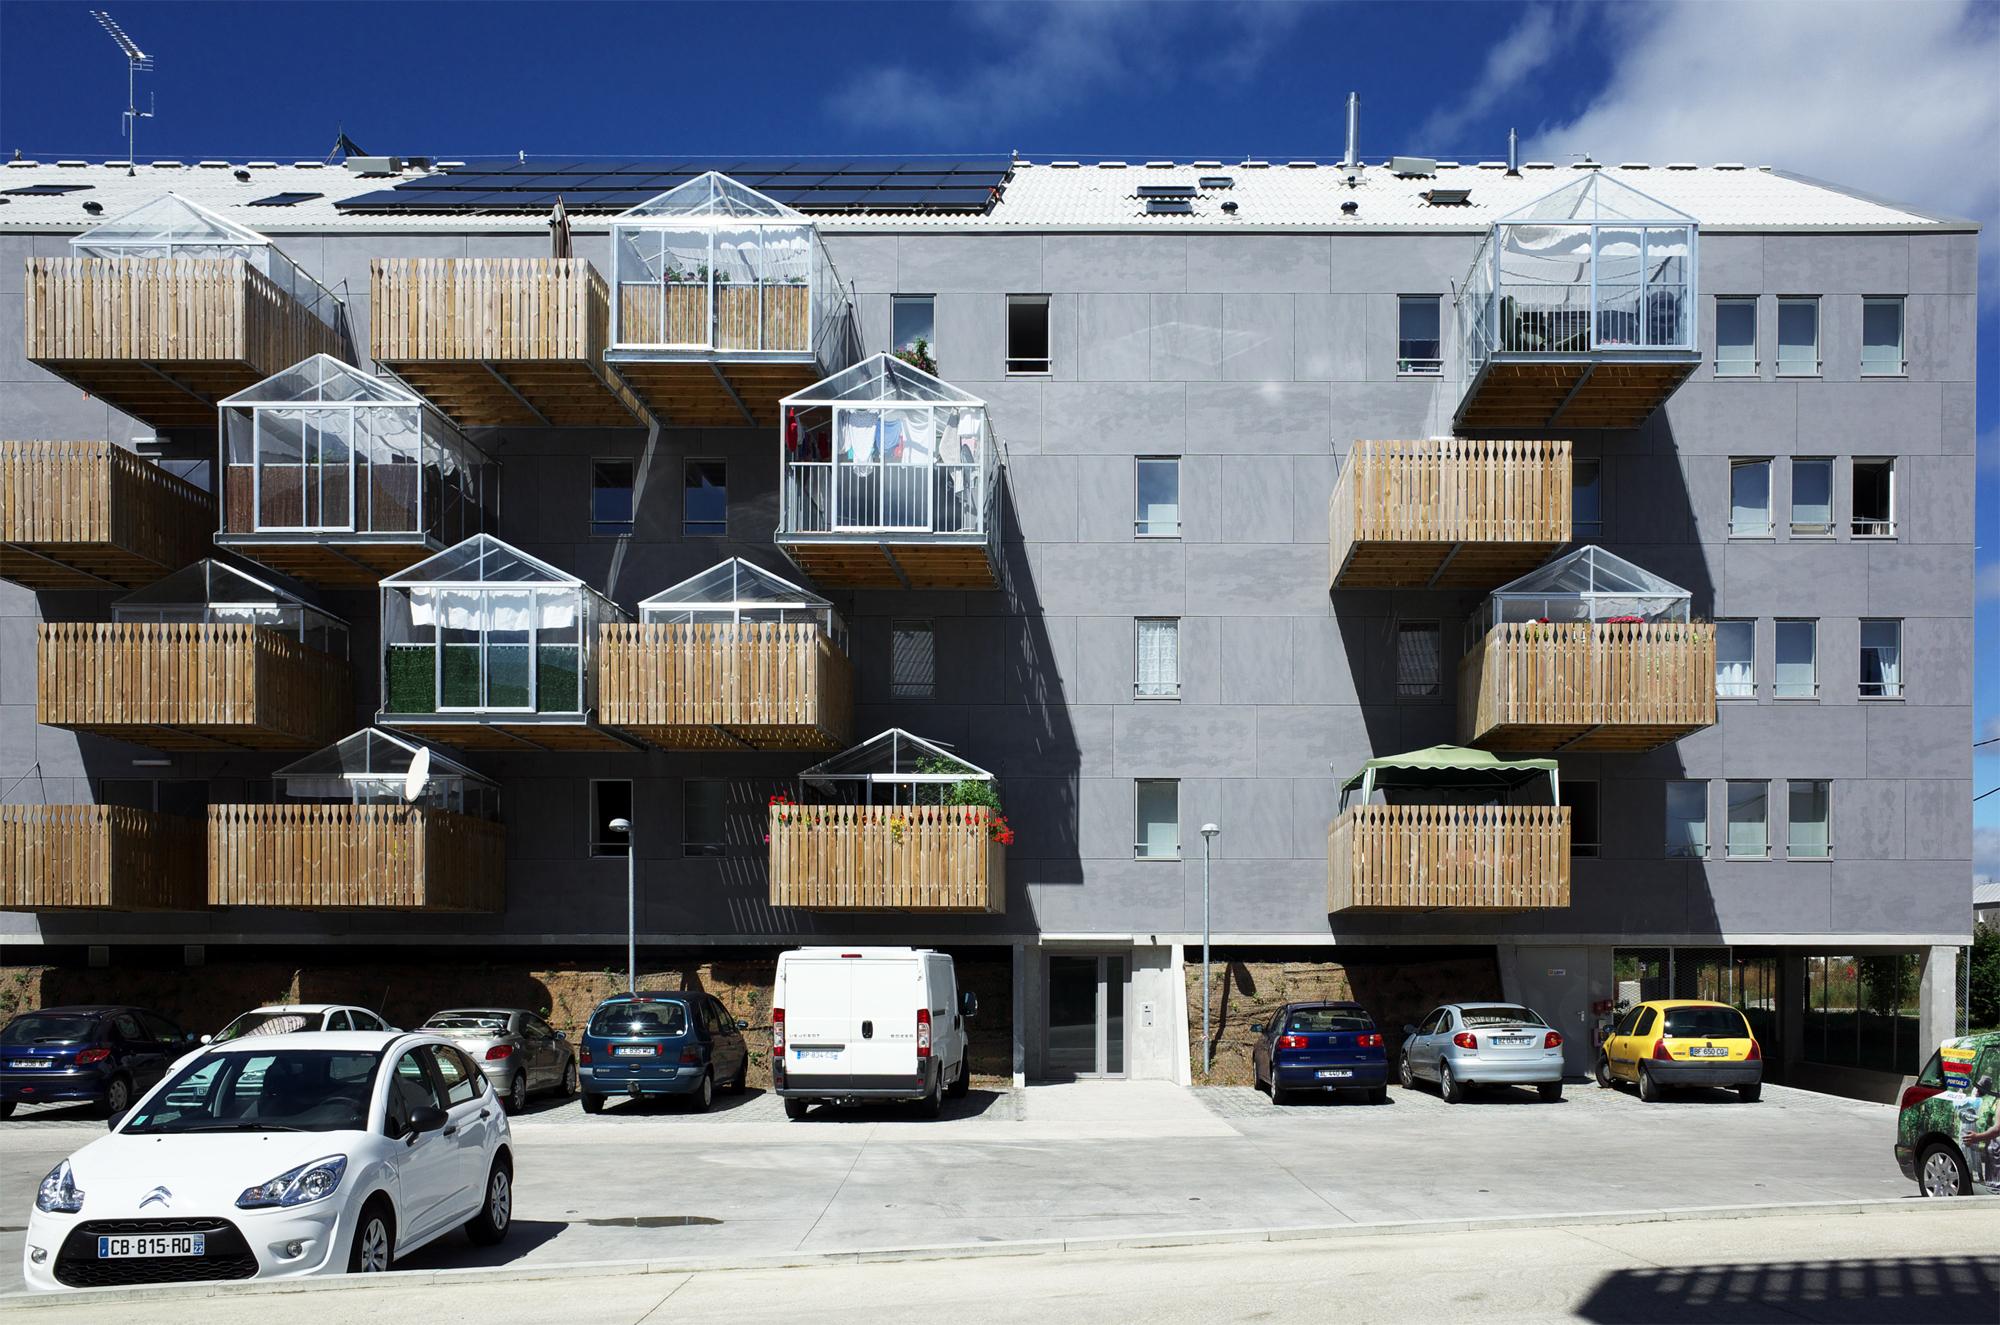 Đây là ví dụ cho thấy kích thước sử dụng của cộng đồng dân cư và từng cá nhân trong một khu nhà tập thể - Ảnh © Nicolas Pineau, Stéphane Chalmeau